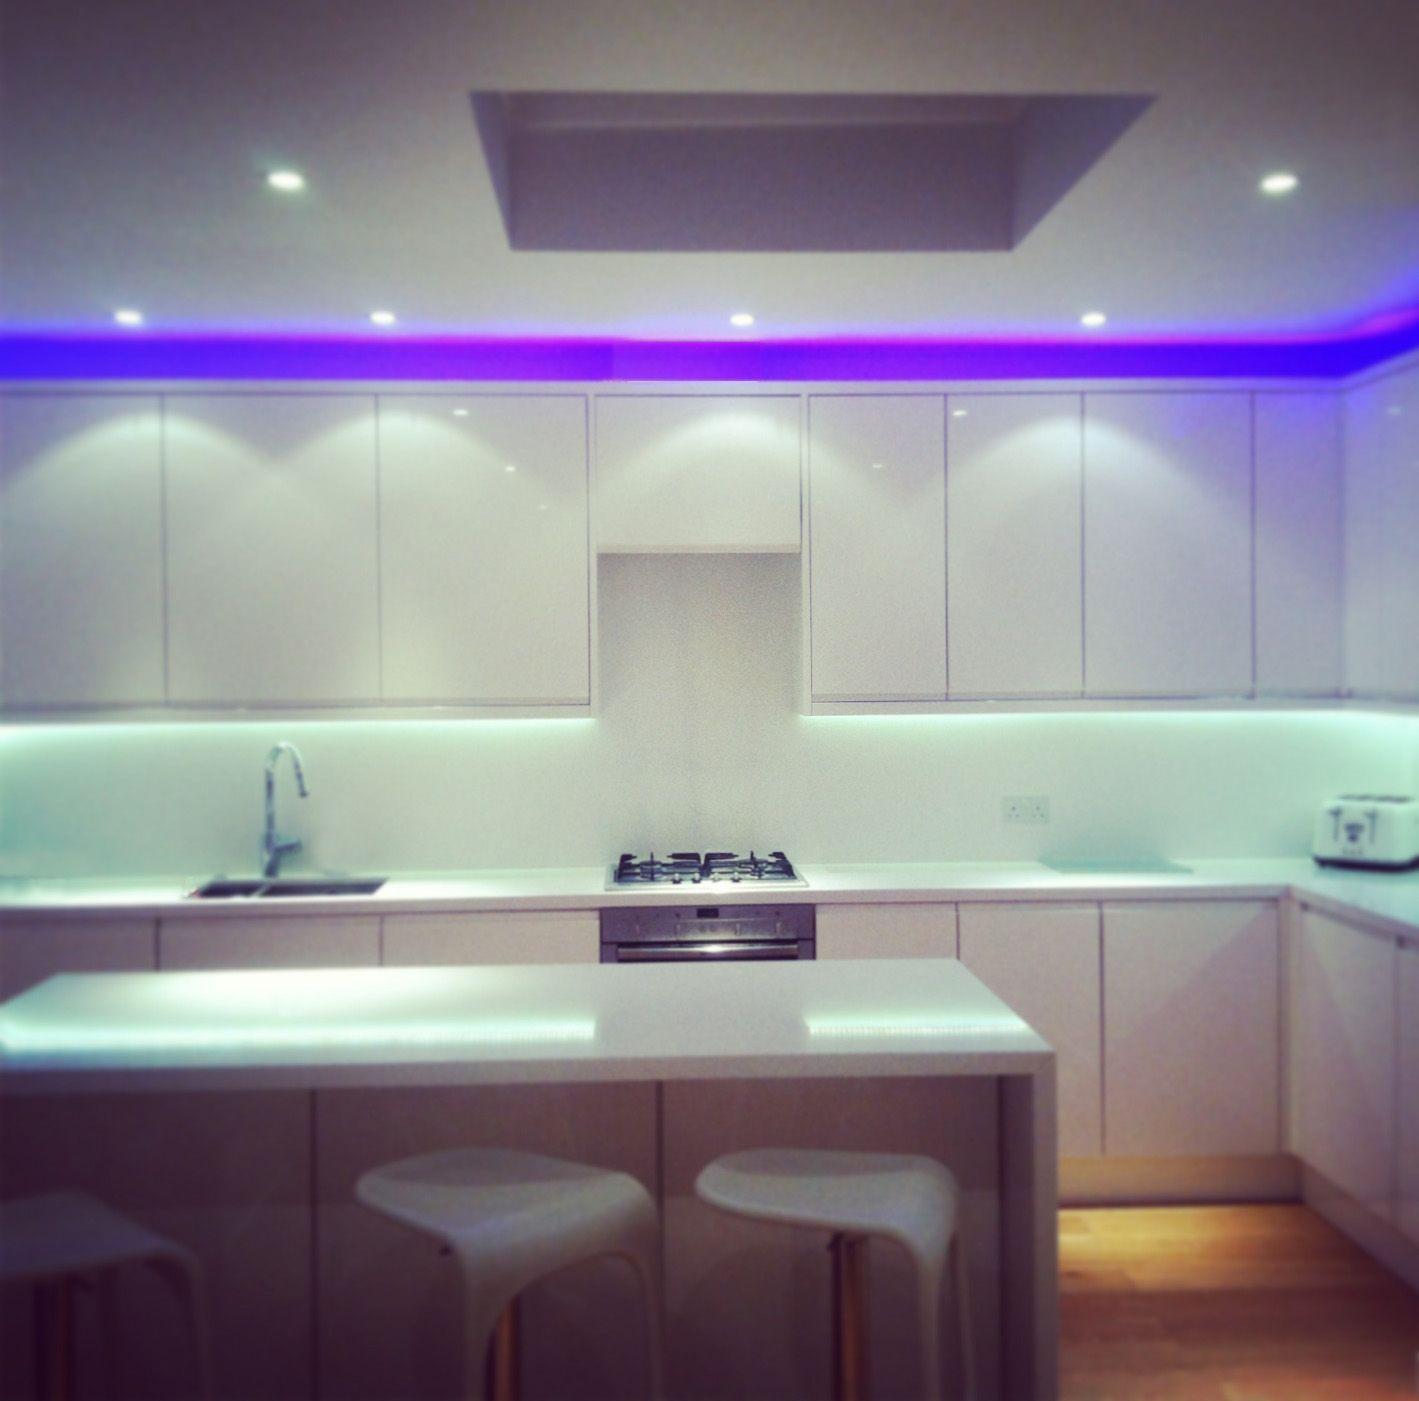 Kitchen Track Lighting Led Home Lighting Design Ideas Kitchen Led Lighting Kitchen Ceiling Lights Track Lighting Kitchen